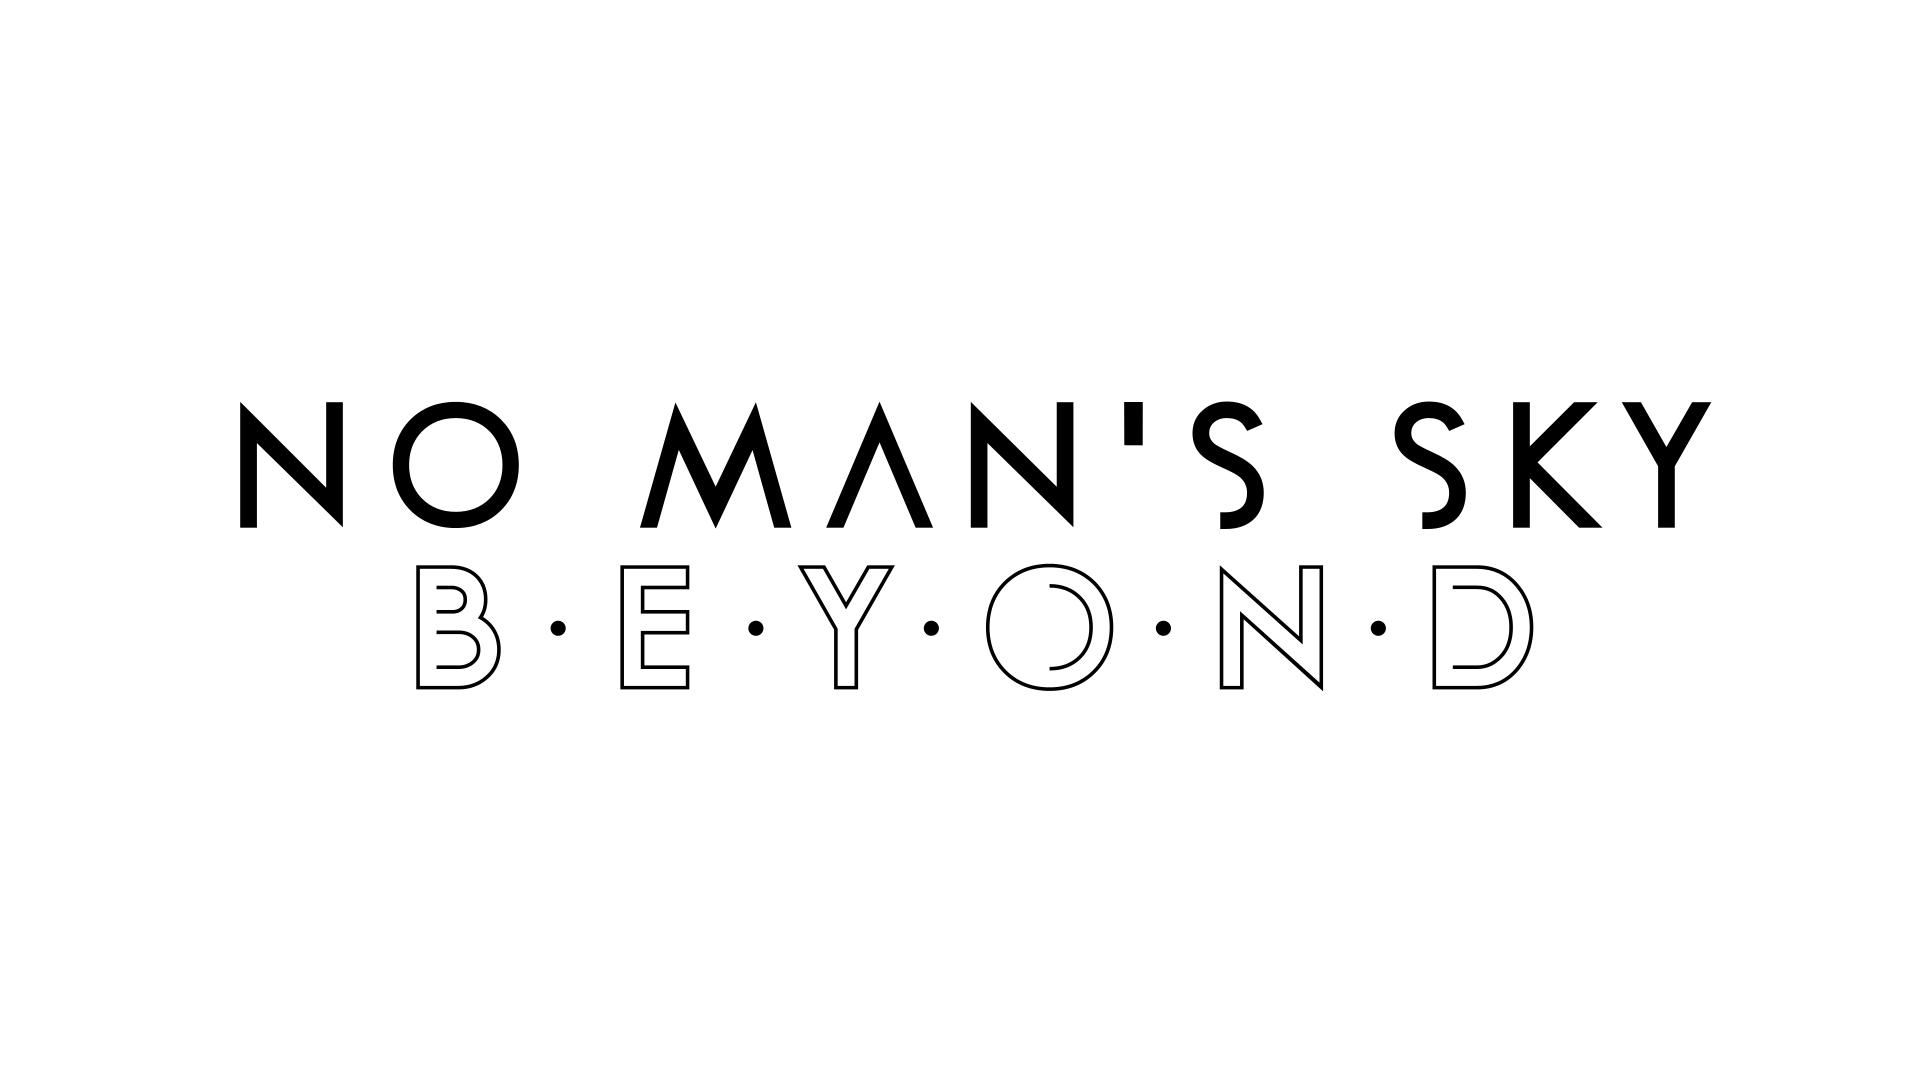 www.nomanssky.com